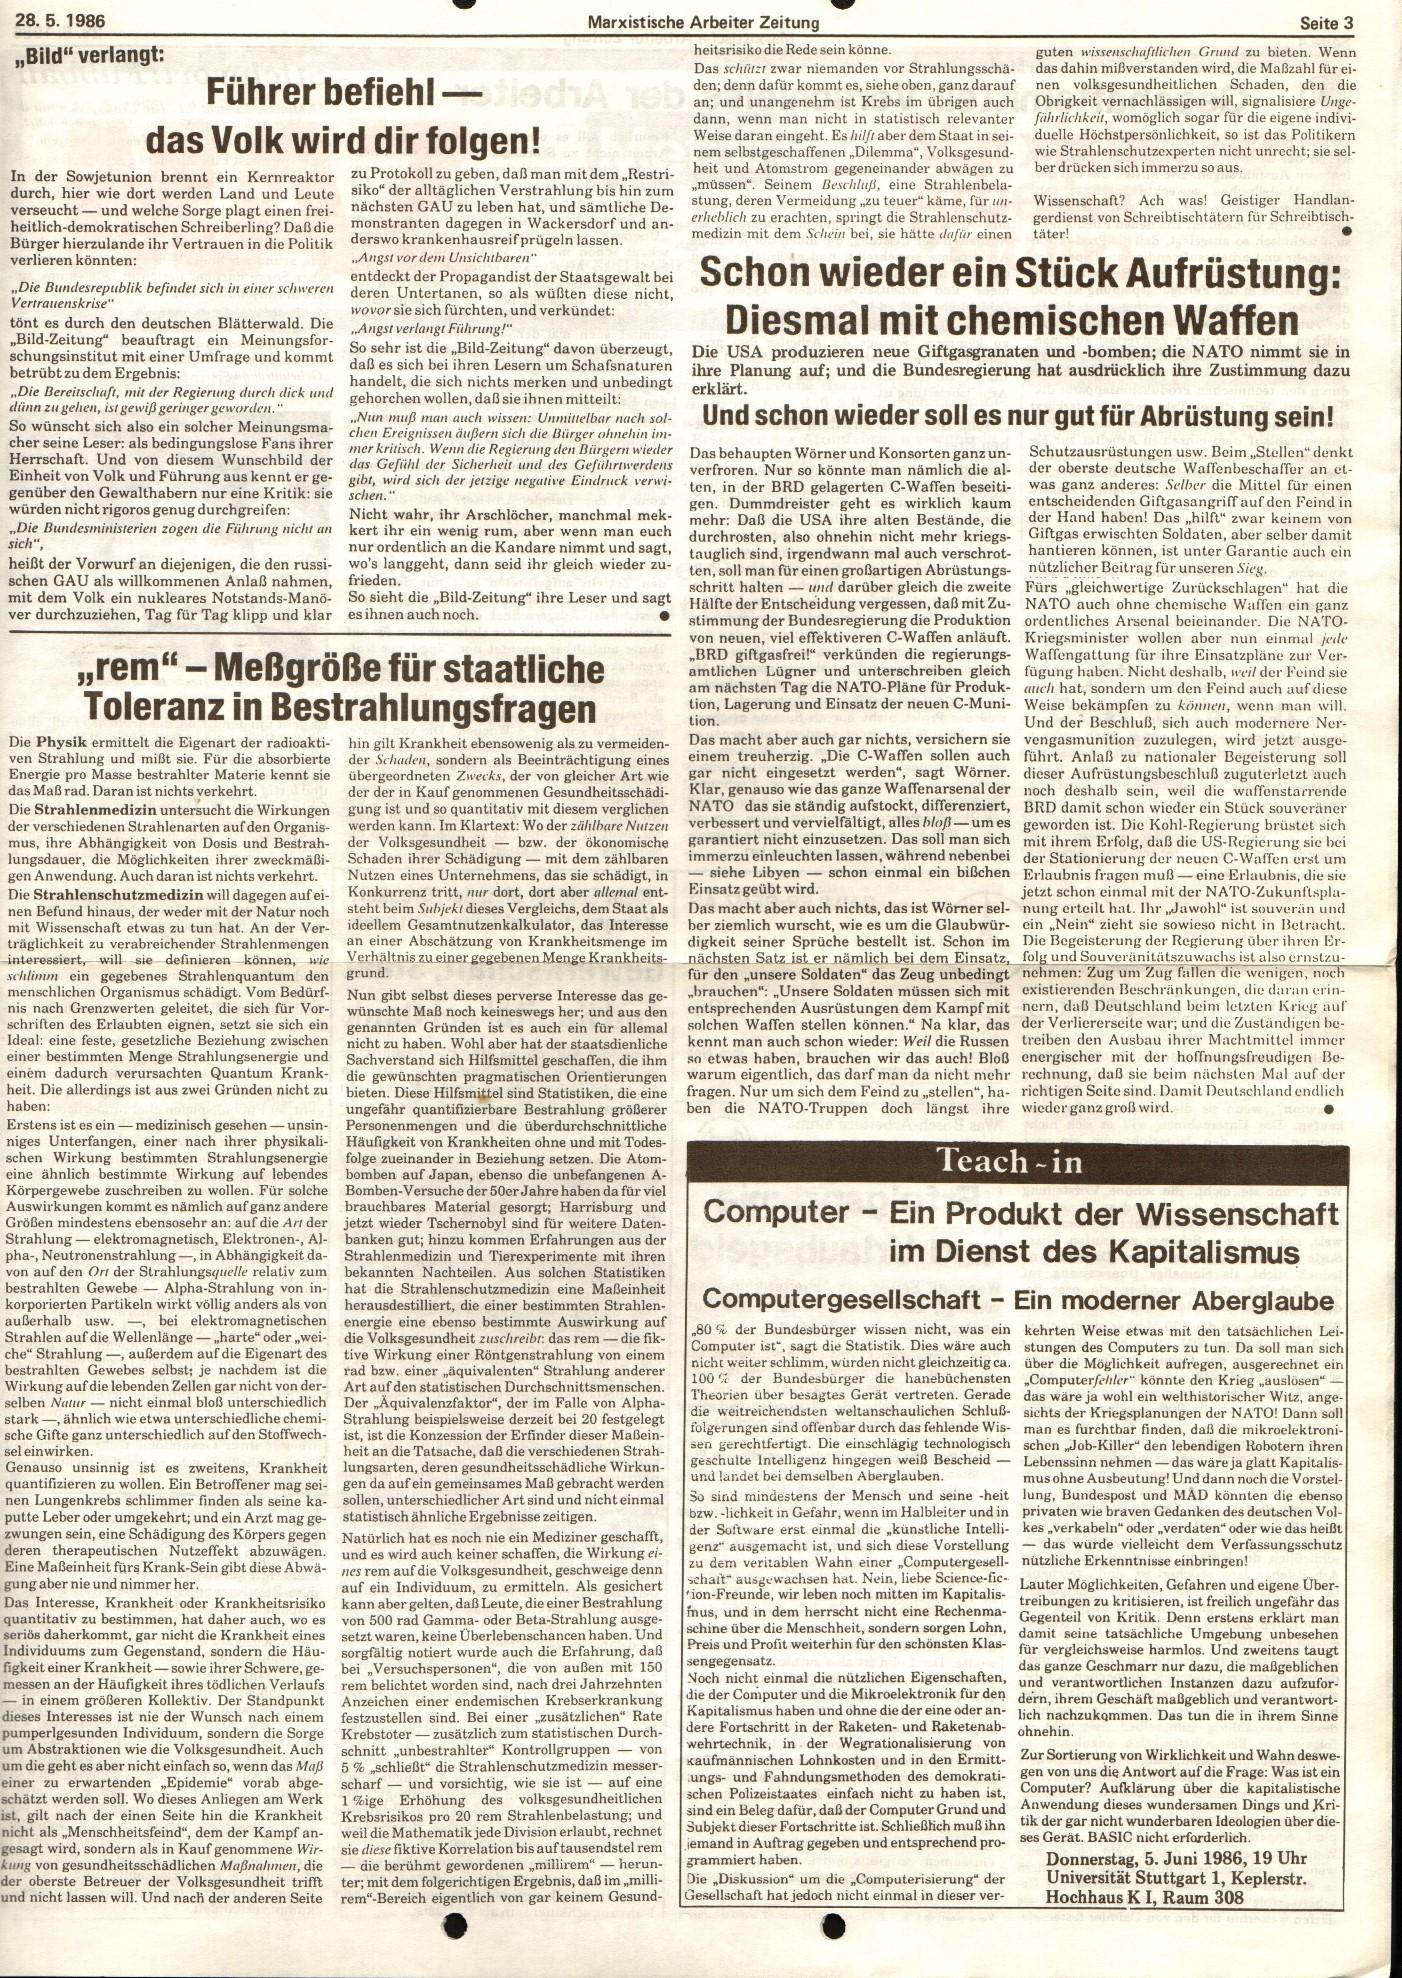 BW_MG_Marxistische_Arbeiterzeitung_19860528_03